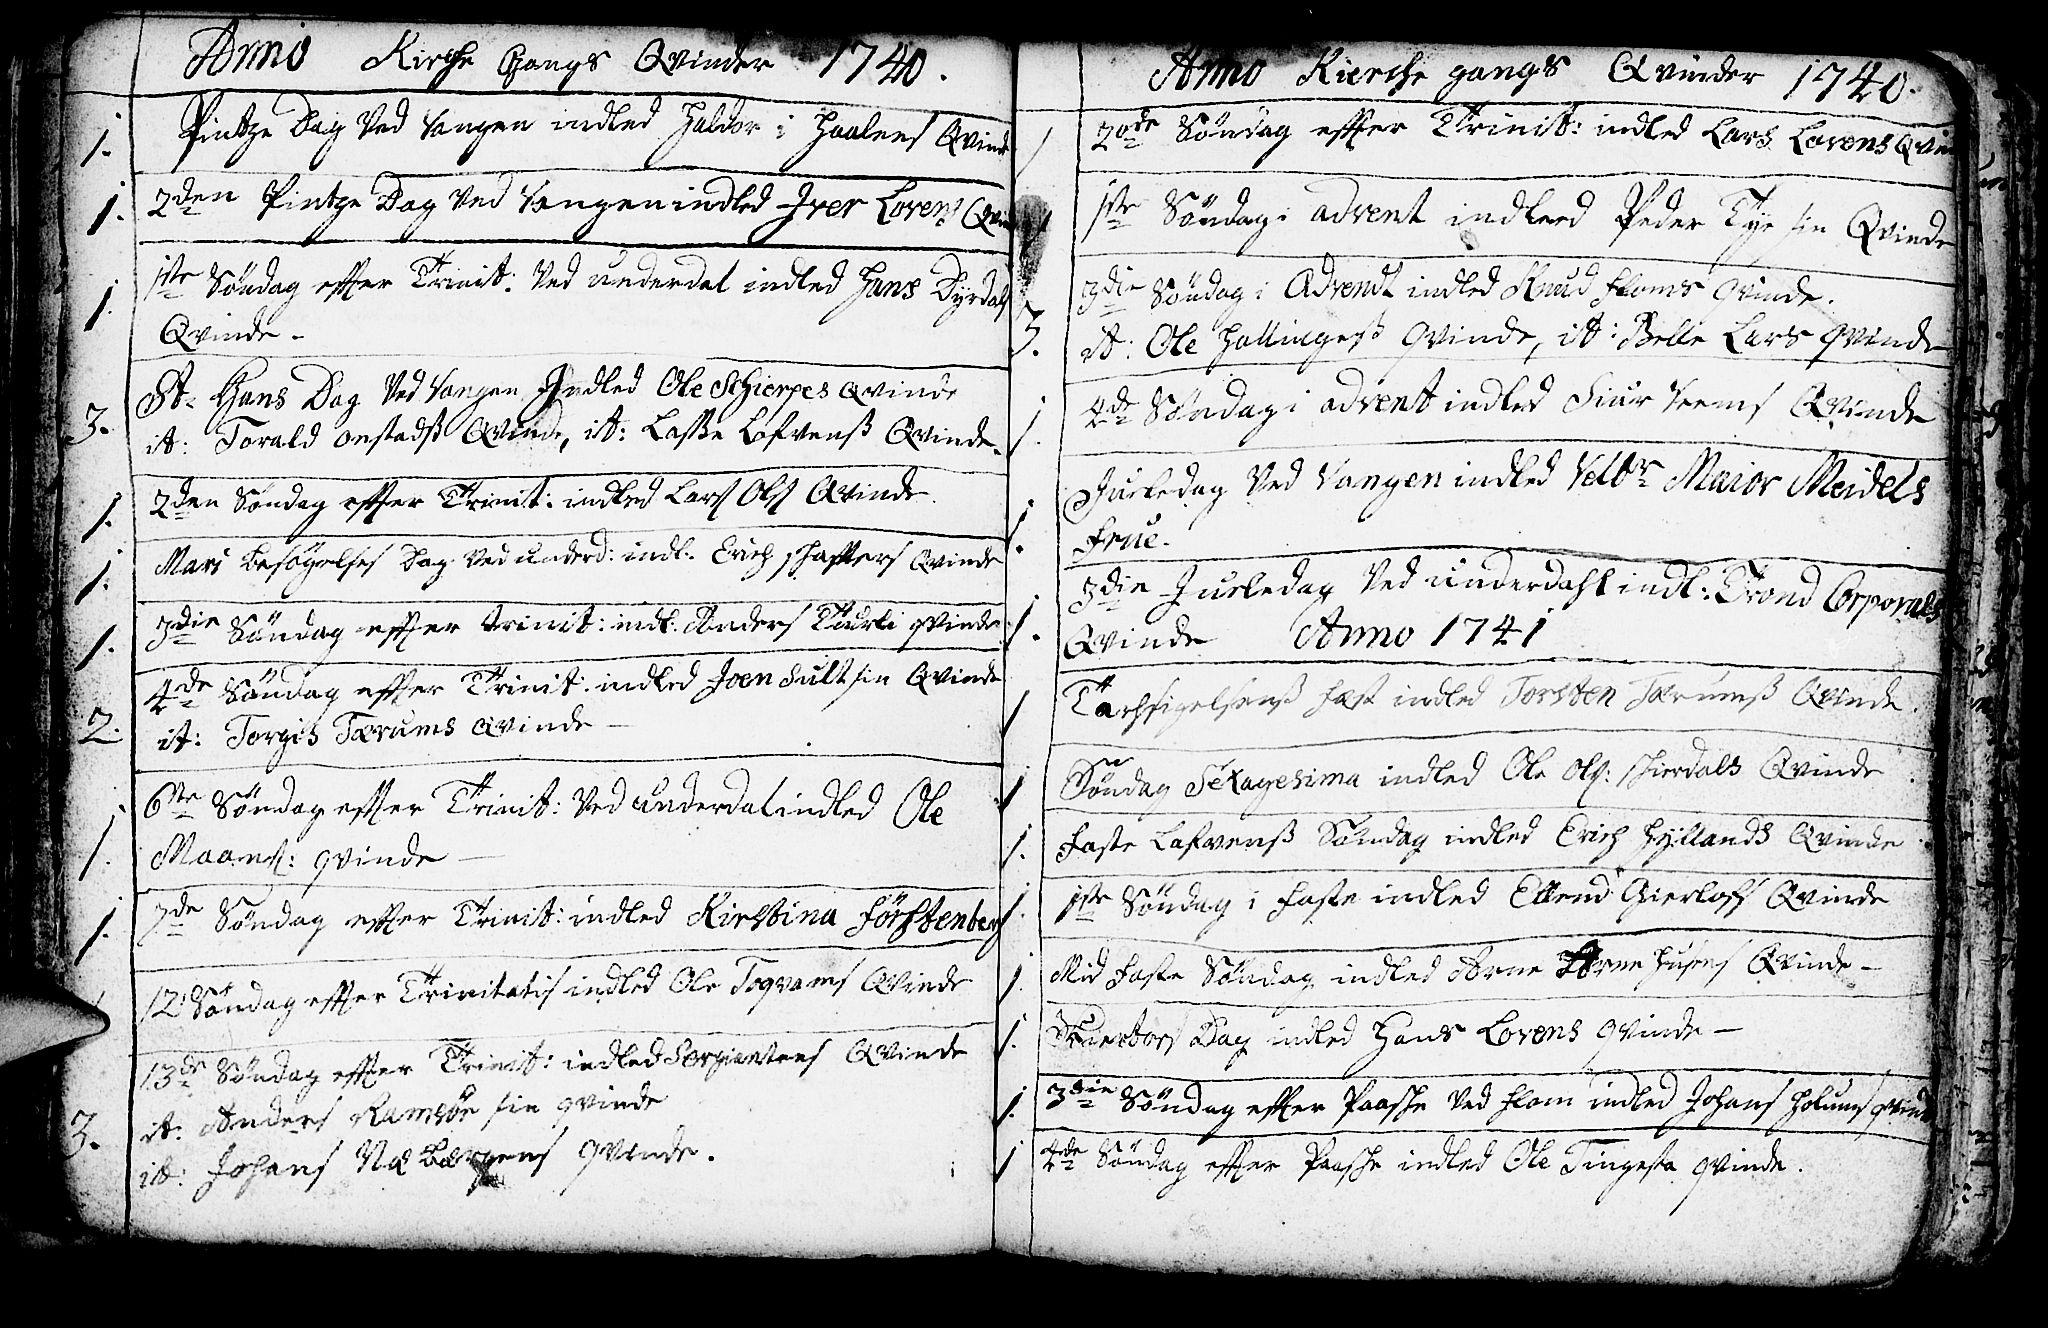 SAB, Aurland Sokneprestembete*, Ministerialbok nr. A 3, 1735-1761, s. 139